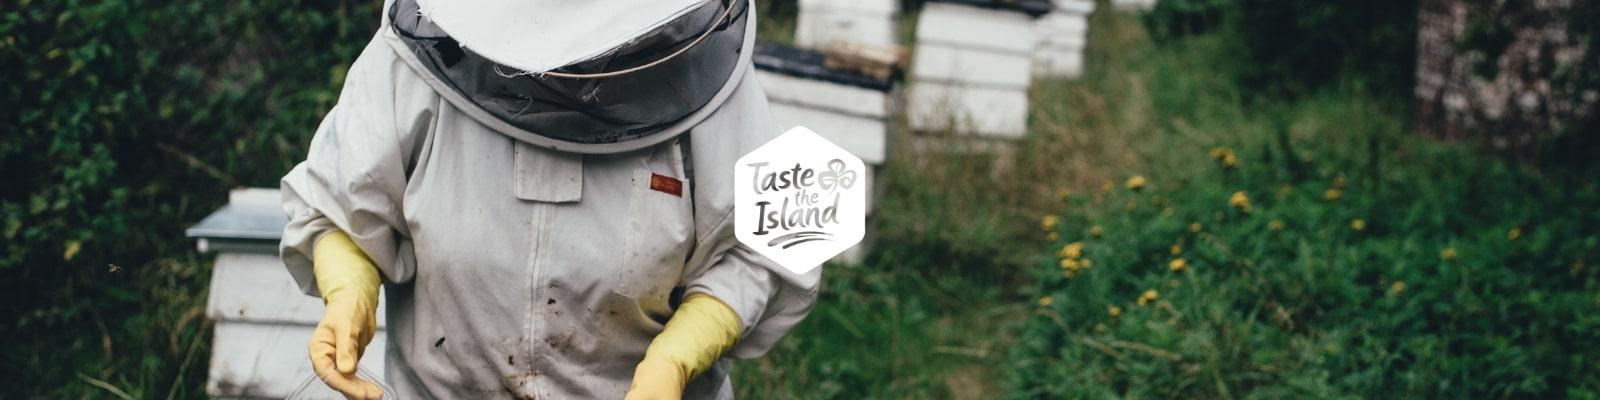 https://www.airfield.ie/wp-content/uploads/2019/08/Meet-the-Beekeeper-1-min.jpg